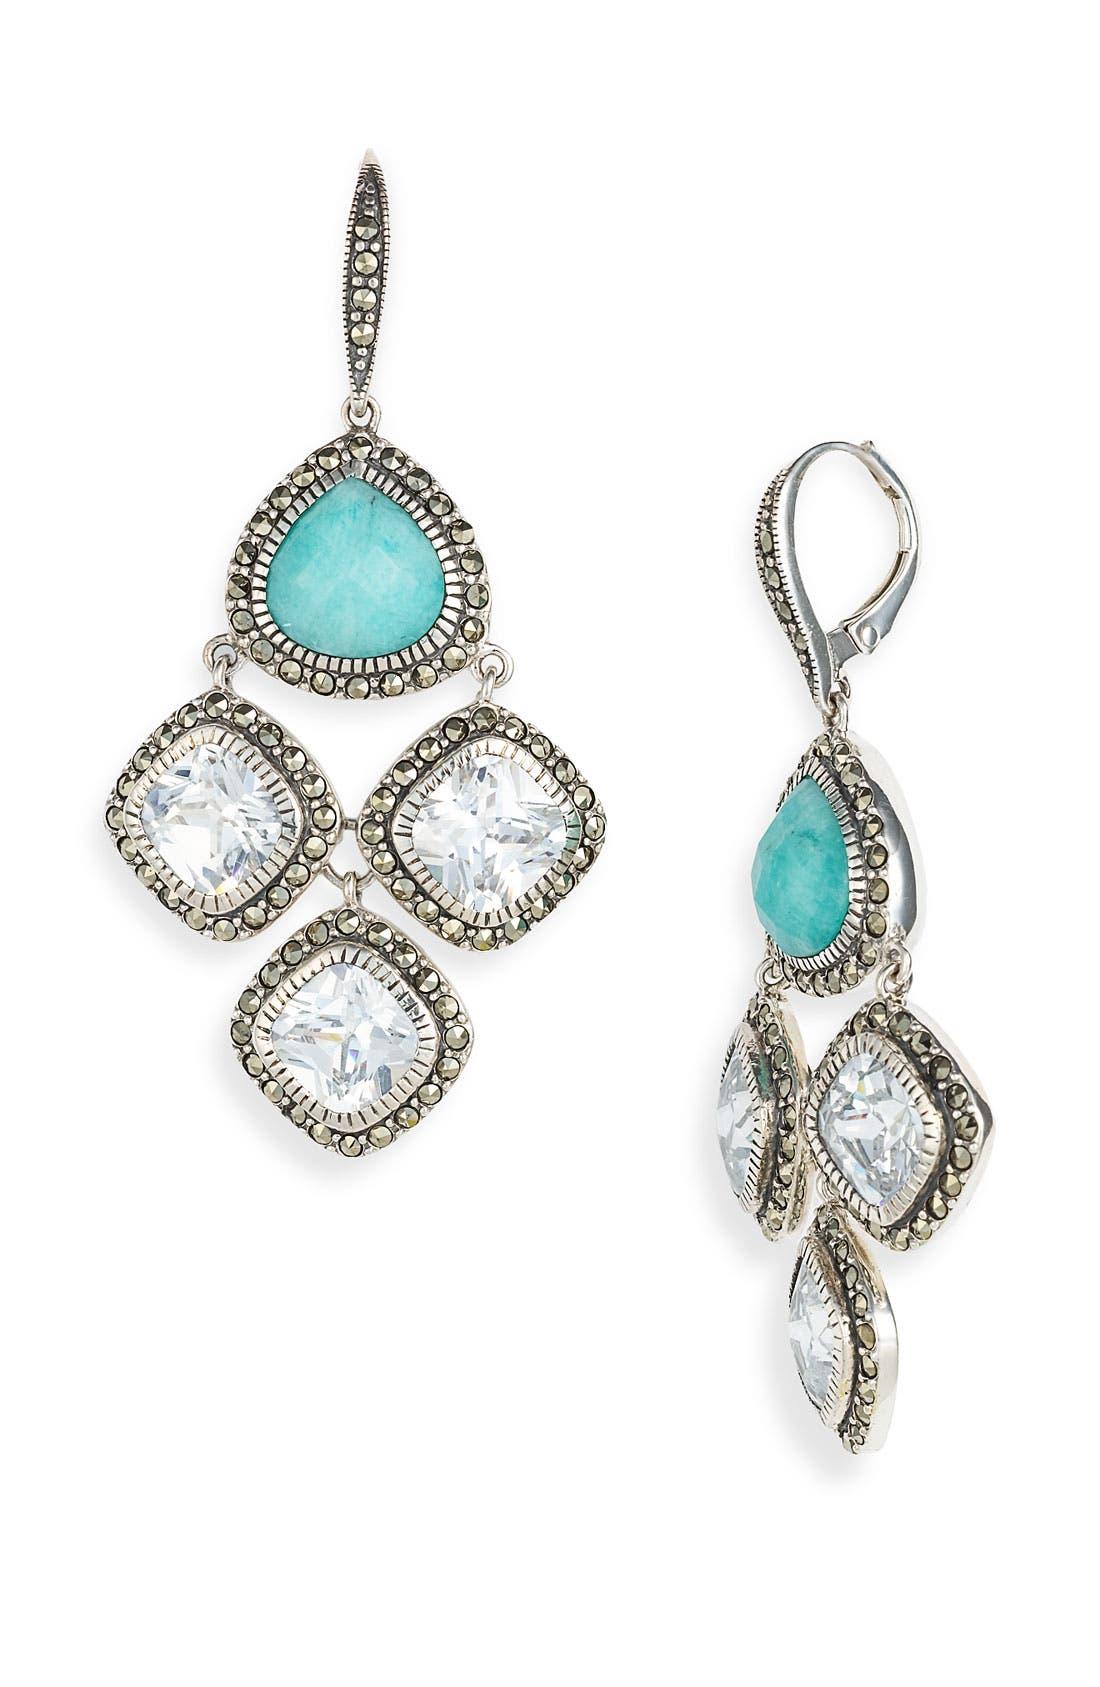 Alternate Image 1 Selected - Judith Jack 'Aquarius' Chandelier Earrings